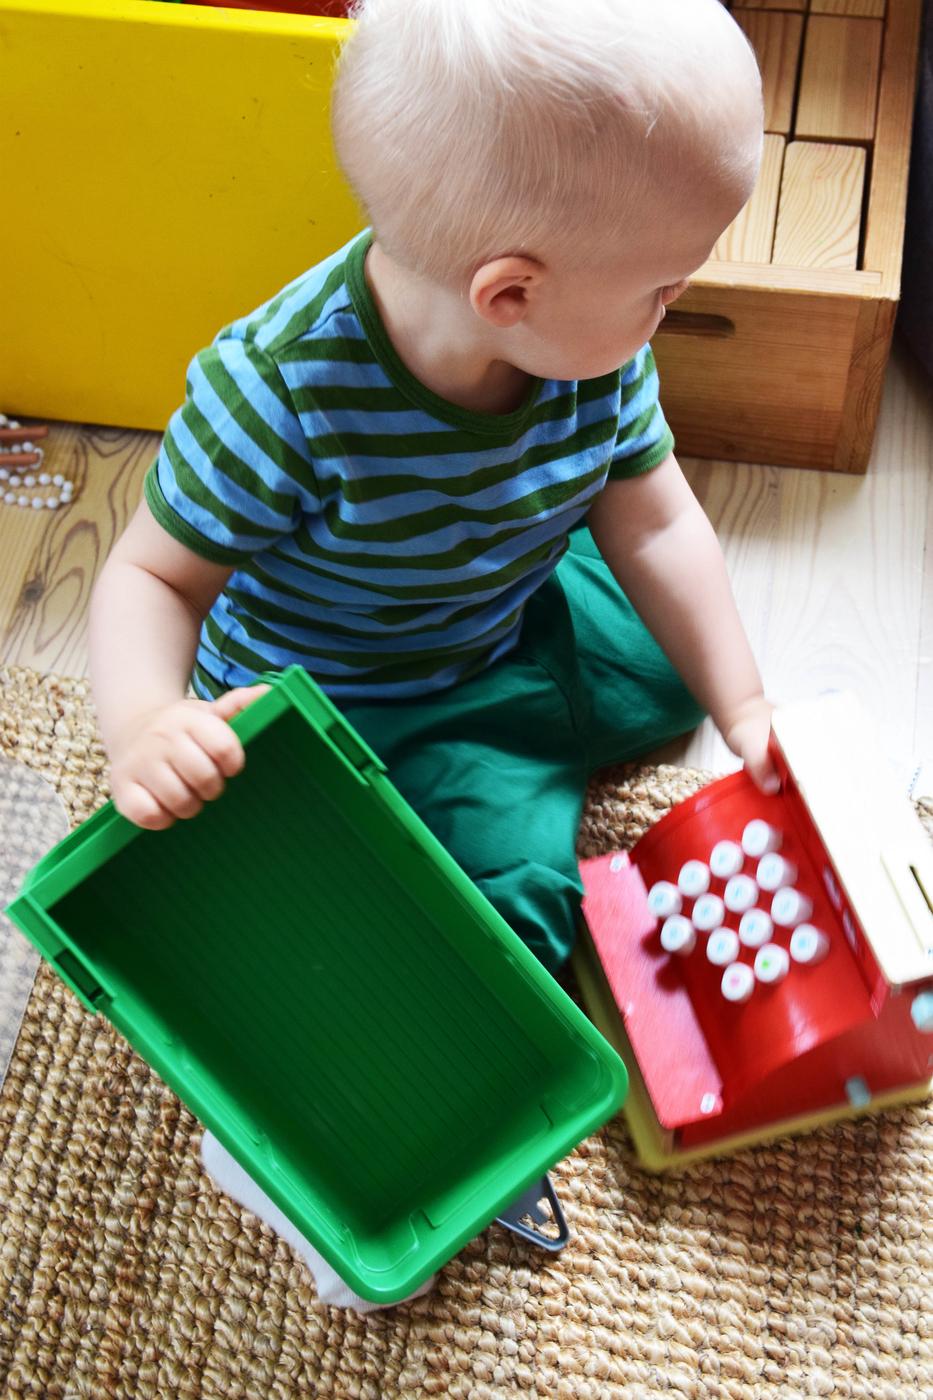 lapsi leikkii2.jpg